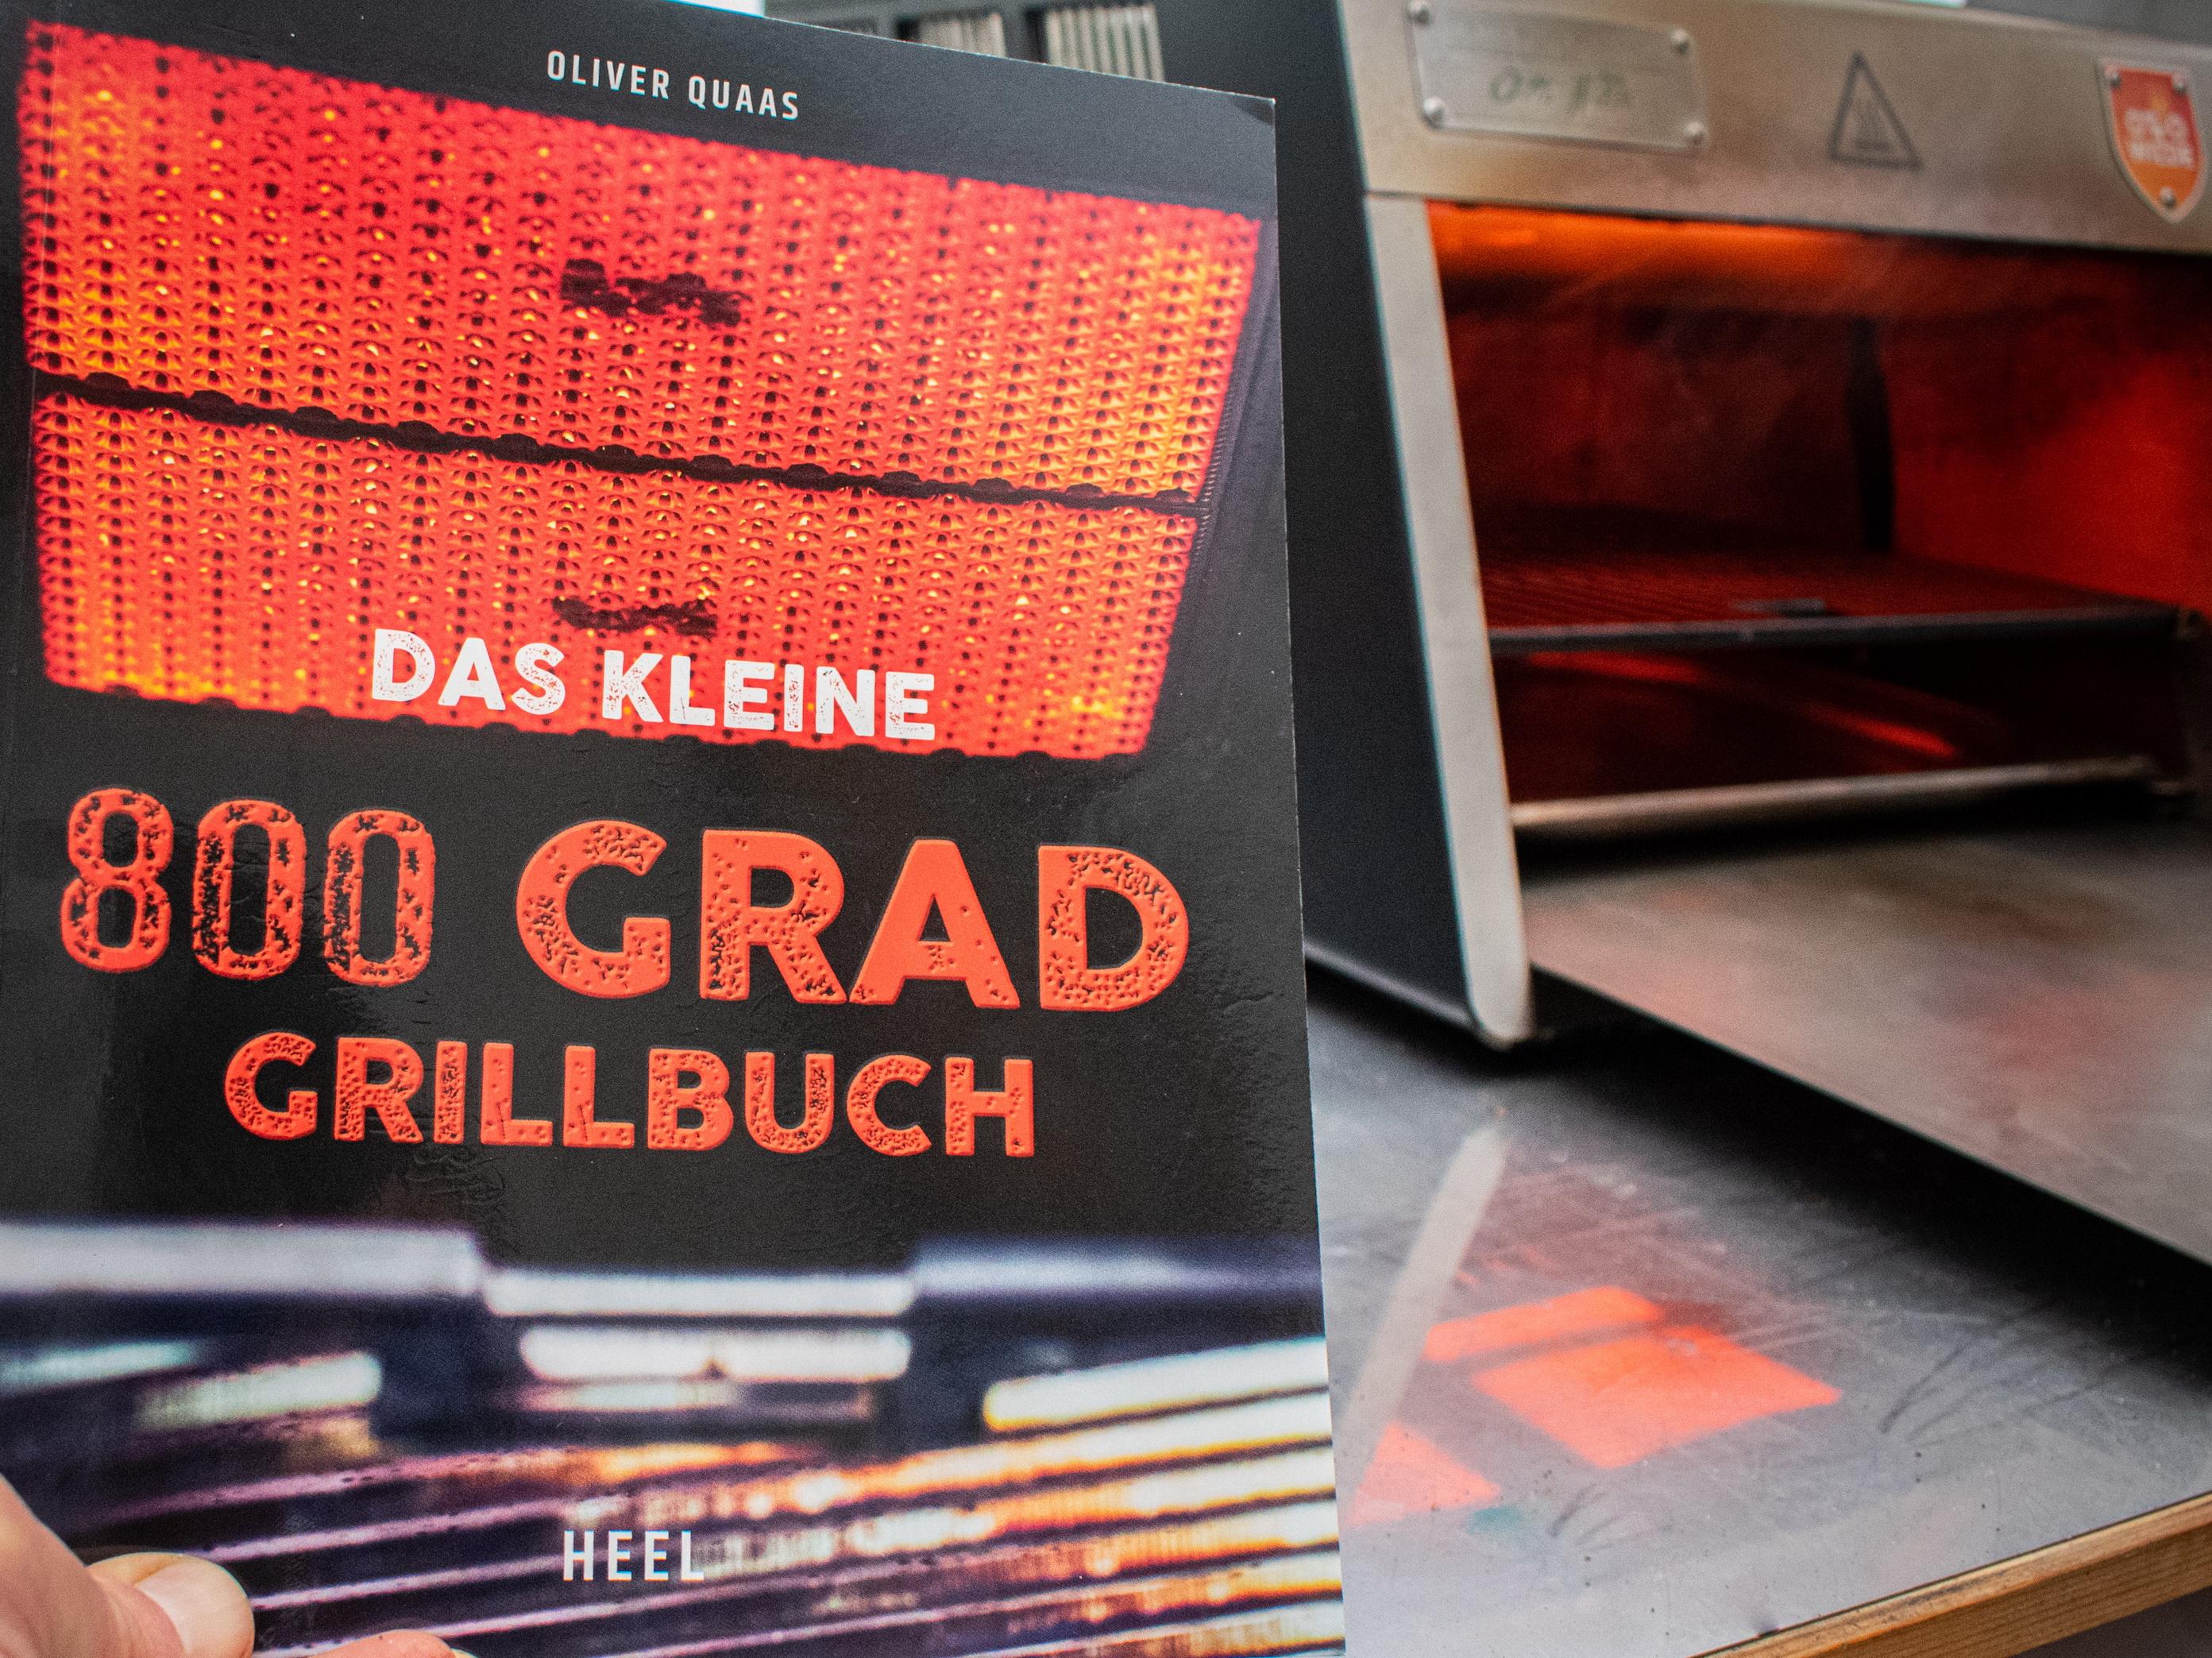 Das kleine 800 Grad Grillbuch